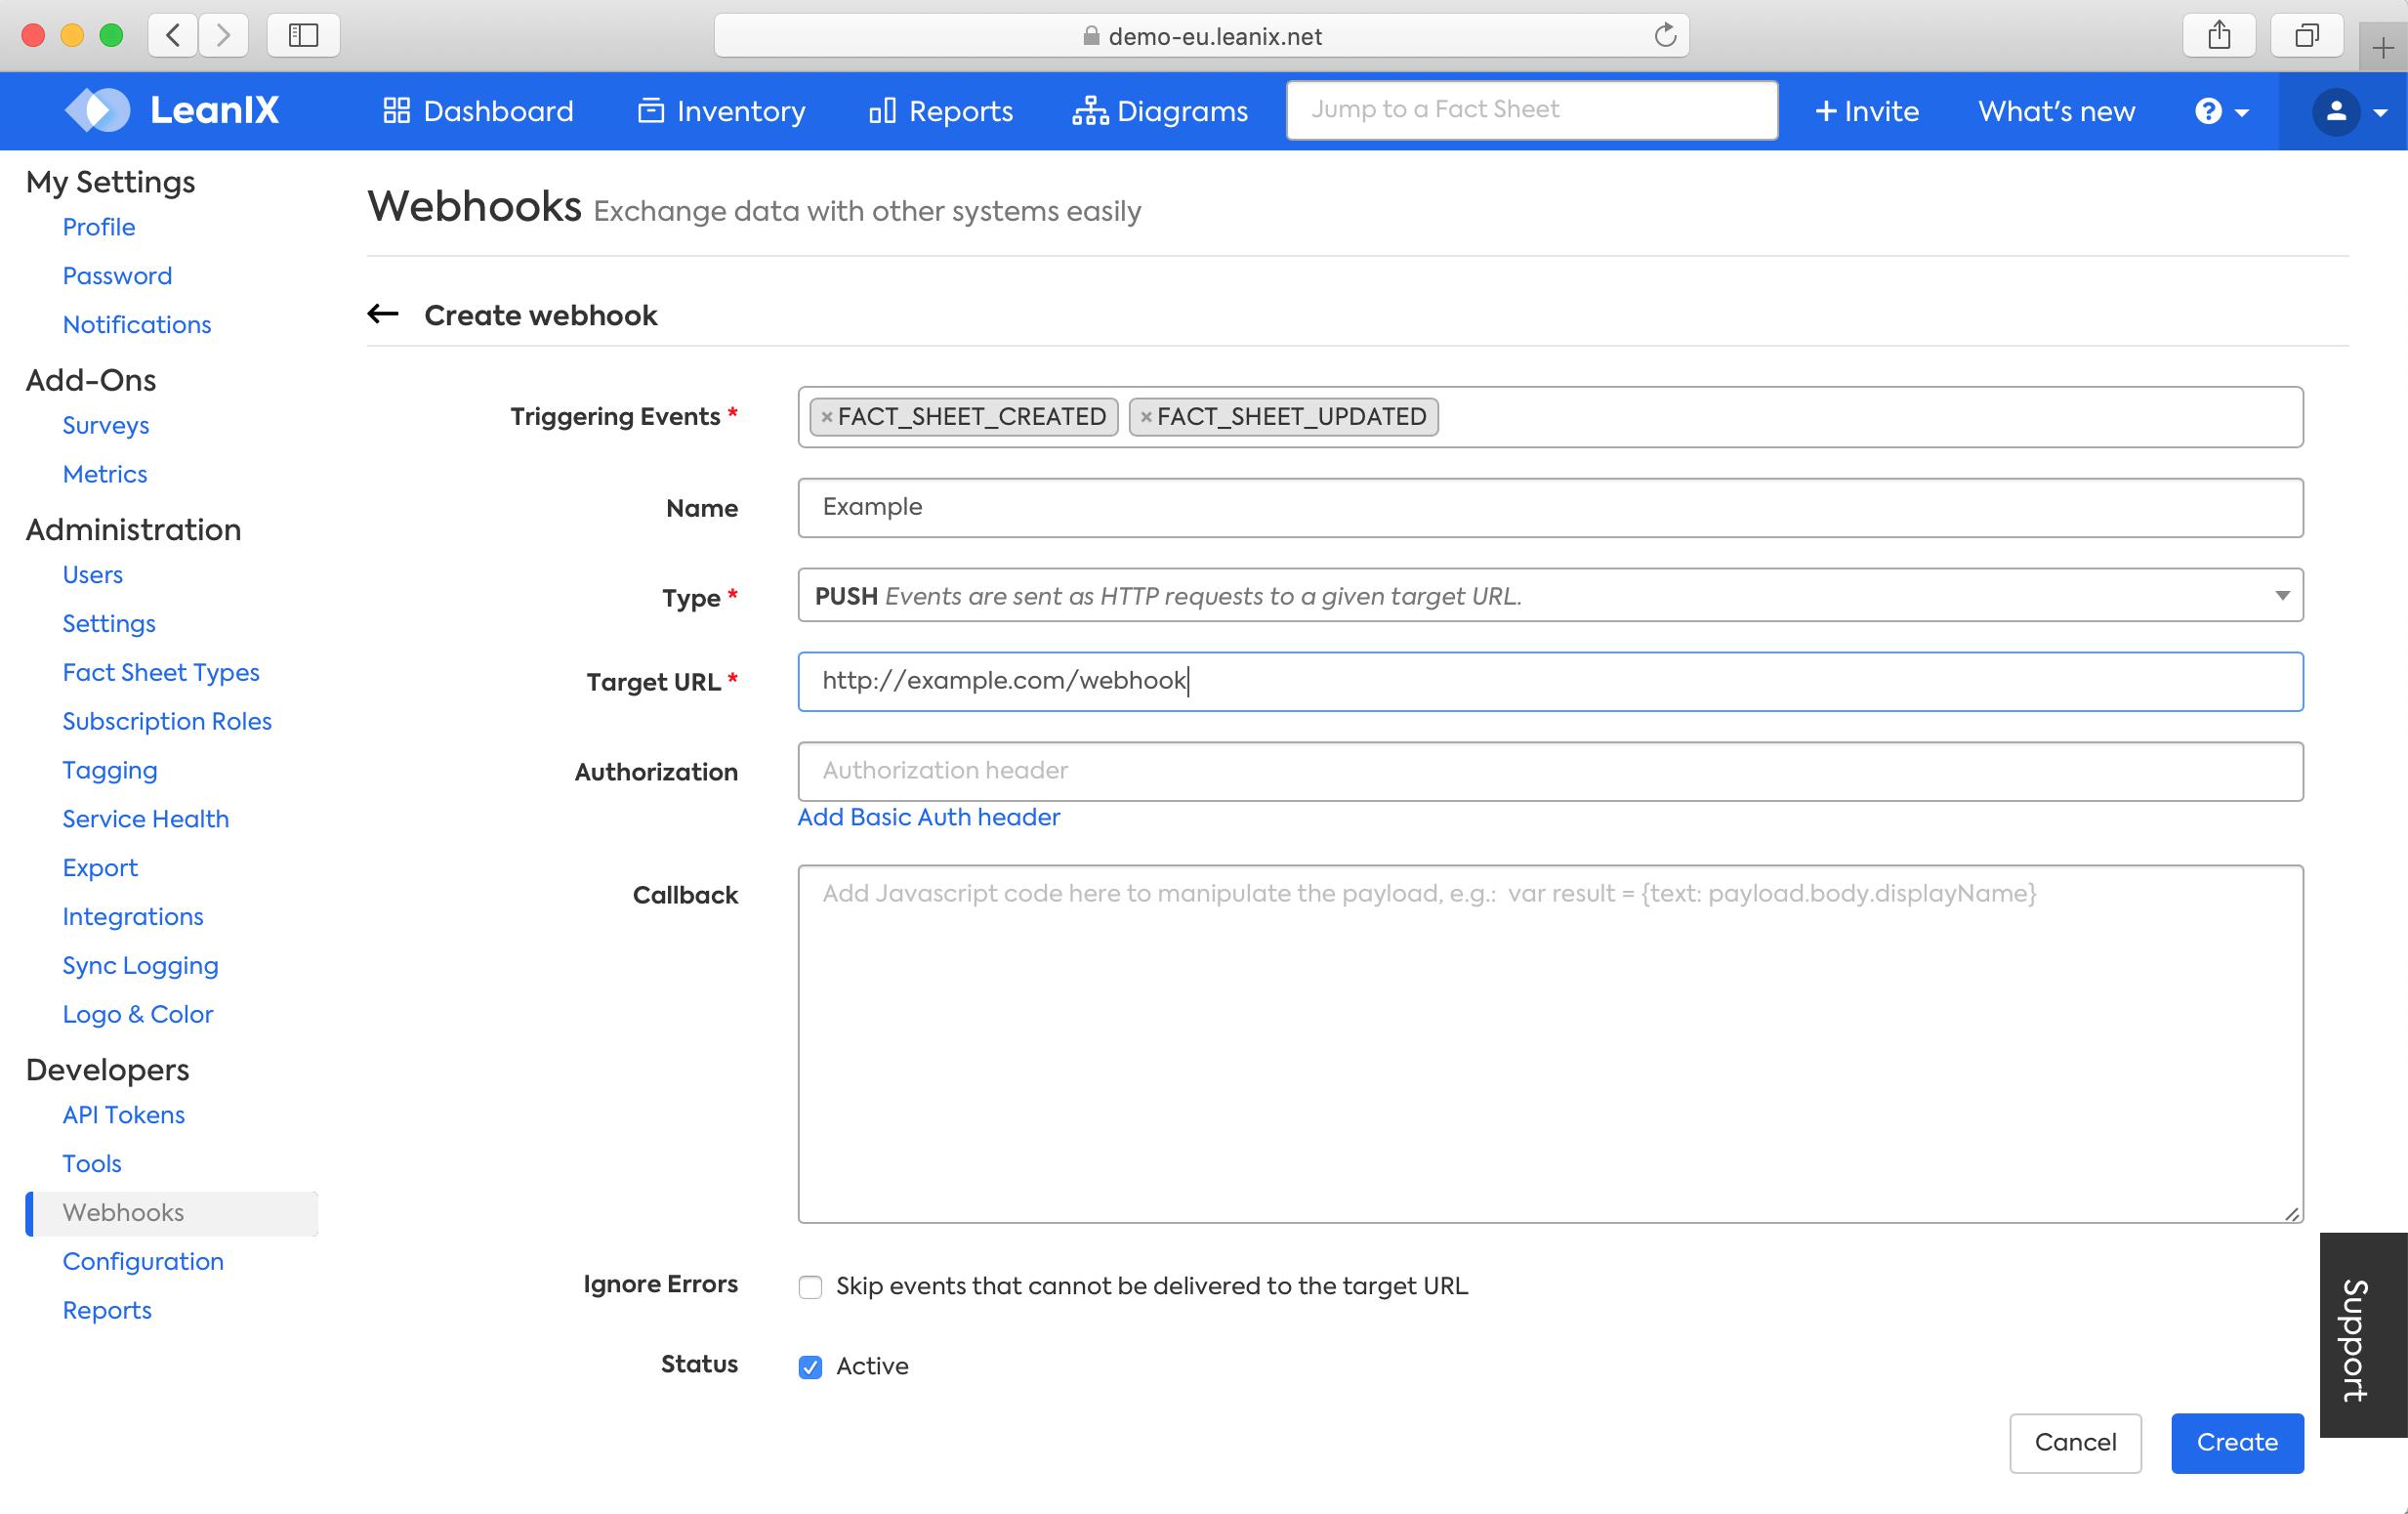 Configure a Webhook